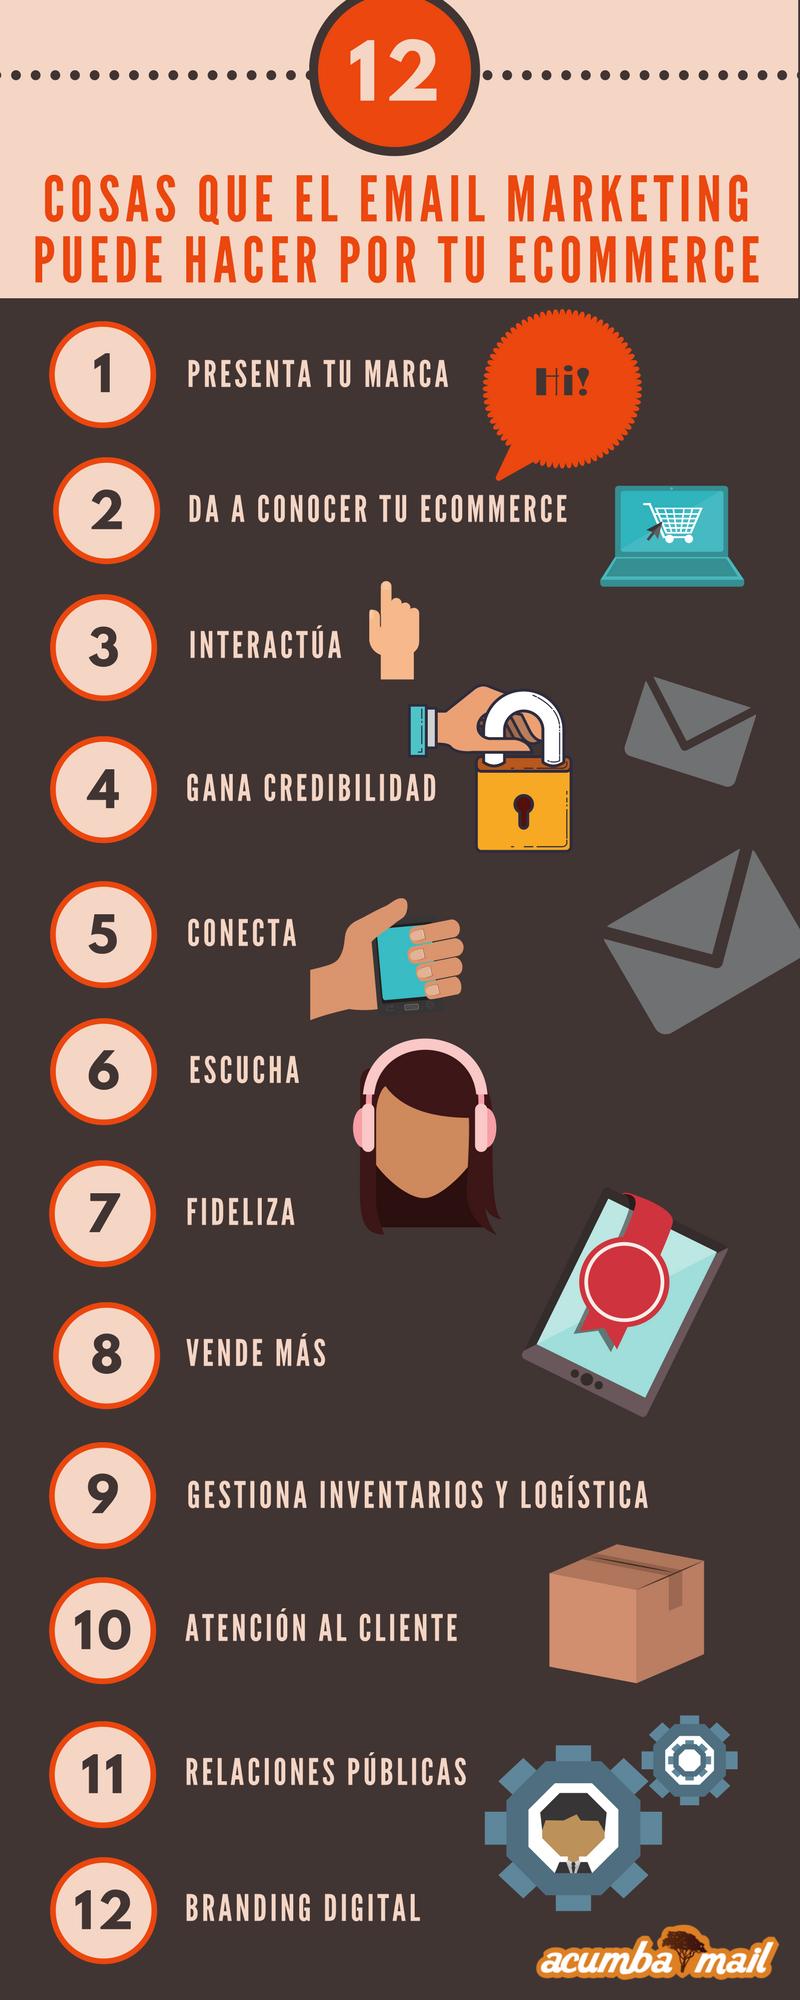 Cosas que el email marketing puede hacer por tu ecommerce